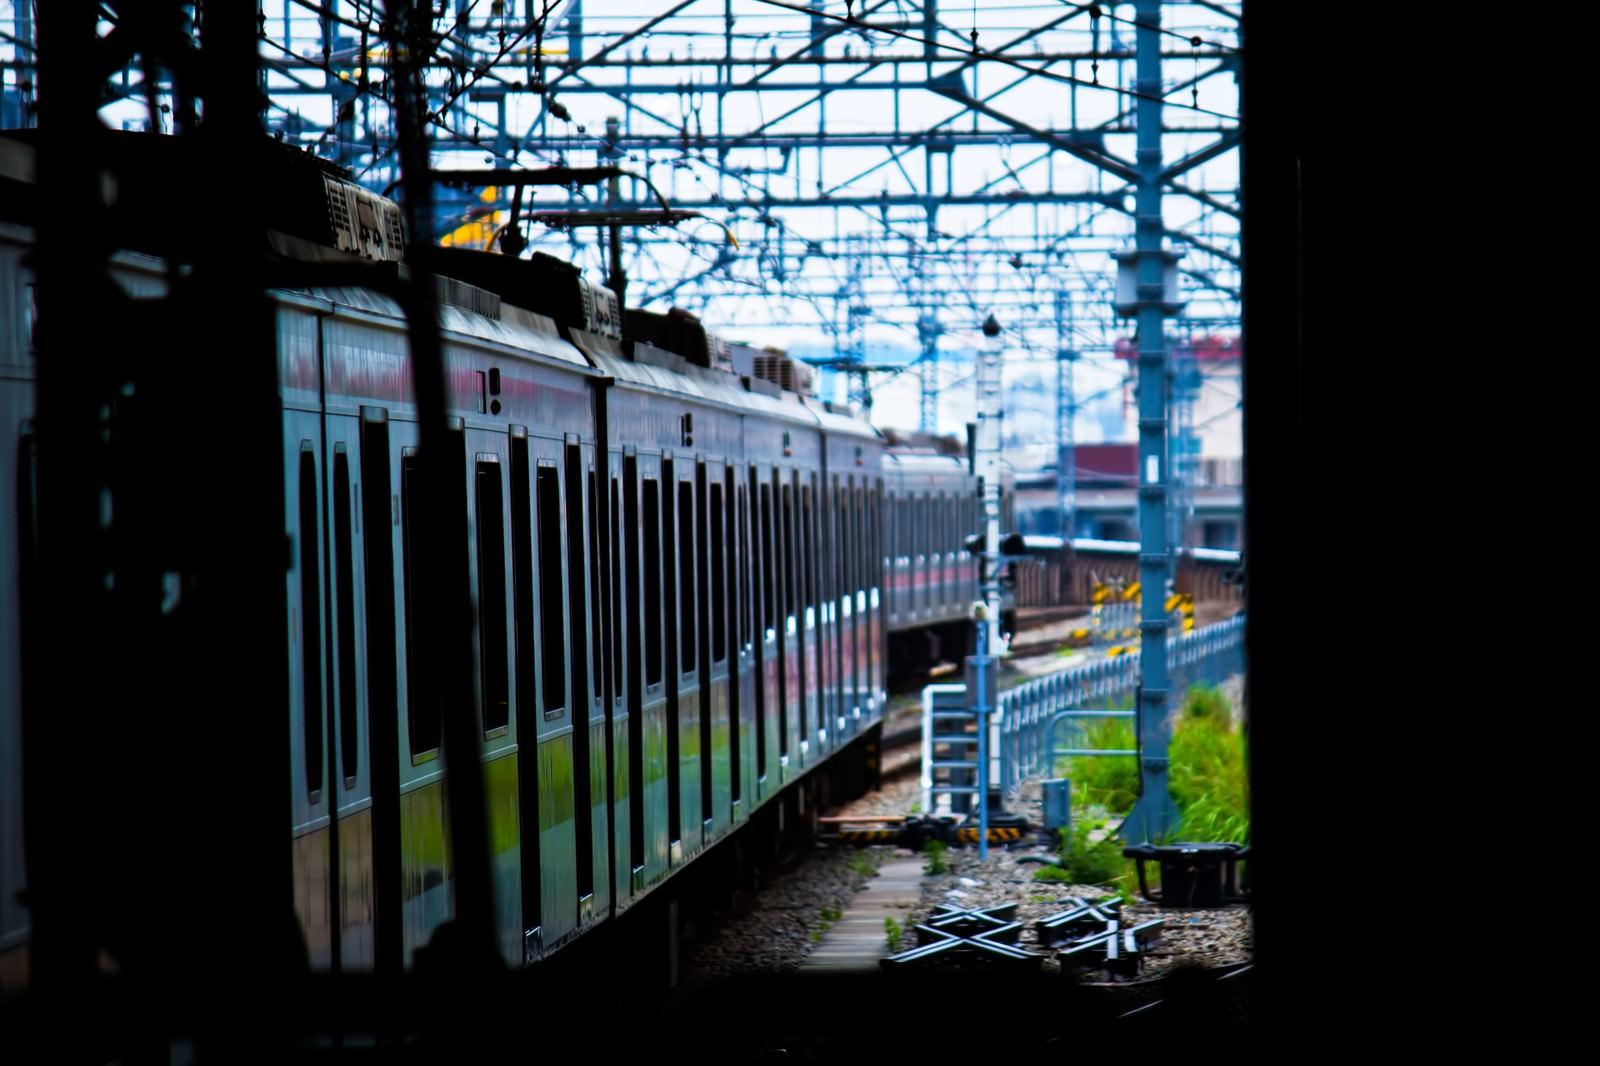 「すれ違う電車」の写真